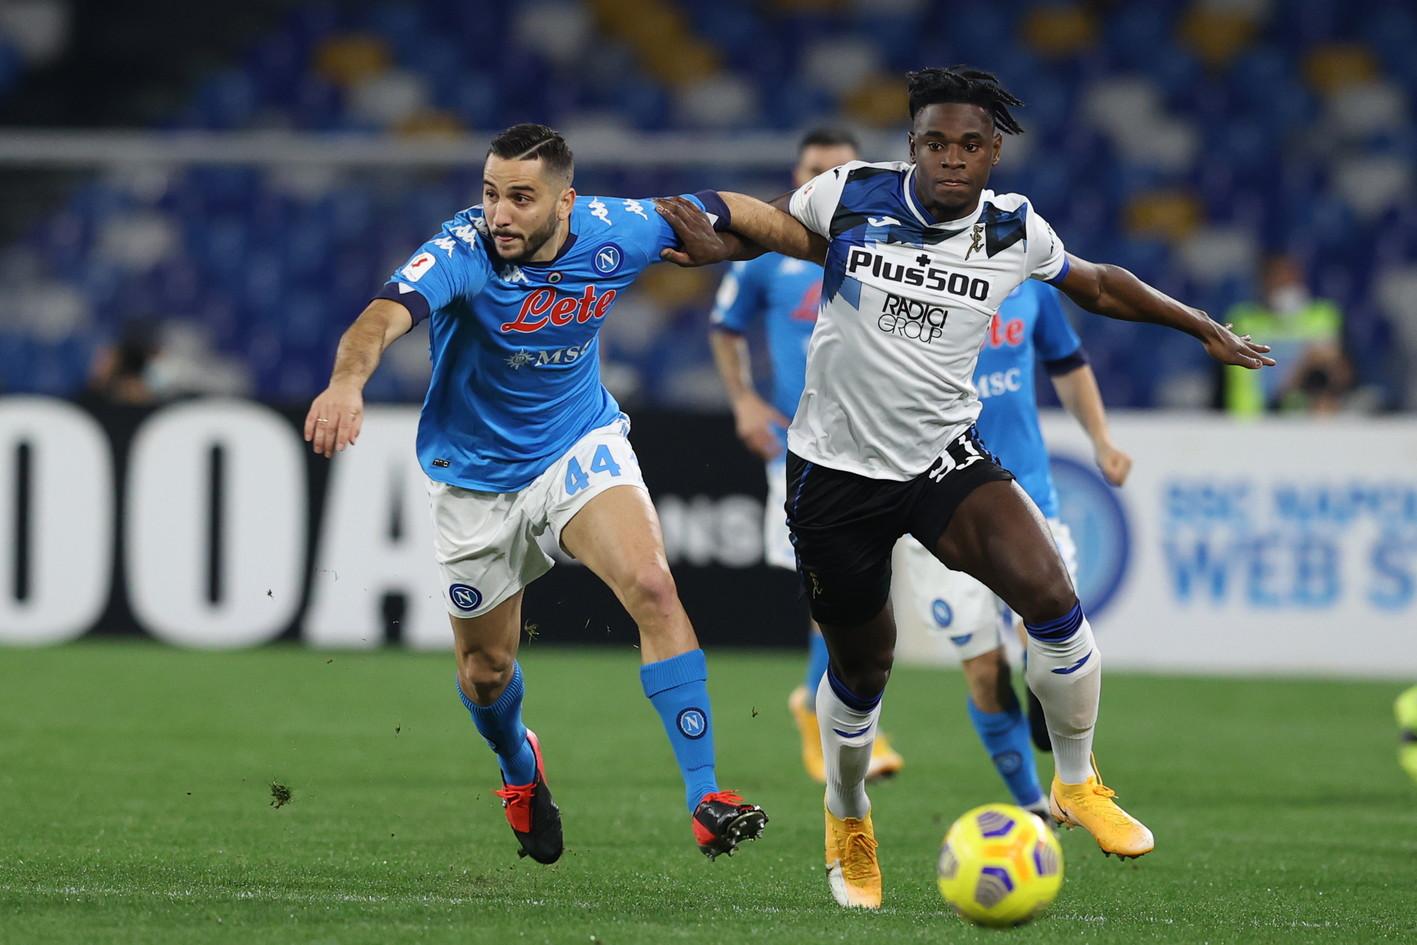 Napoli-Atalanta 0-0, le migliori immagini dell&#39;andata della semifinale di Coppa Italia.<br /><br />